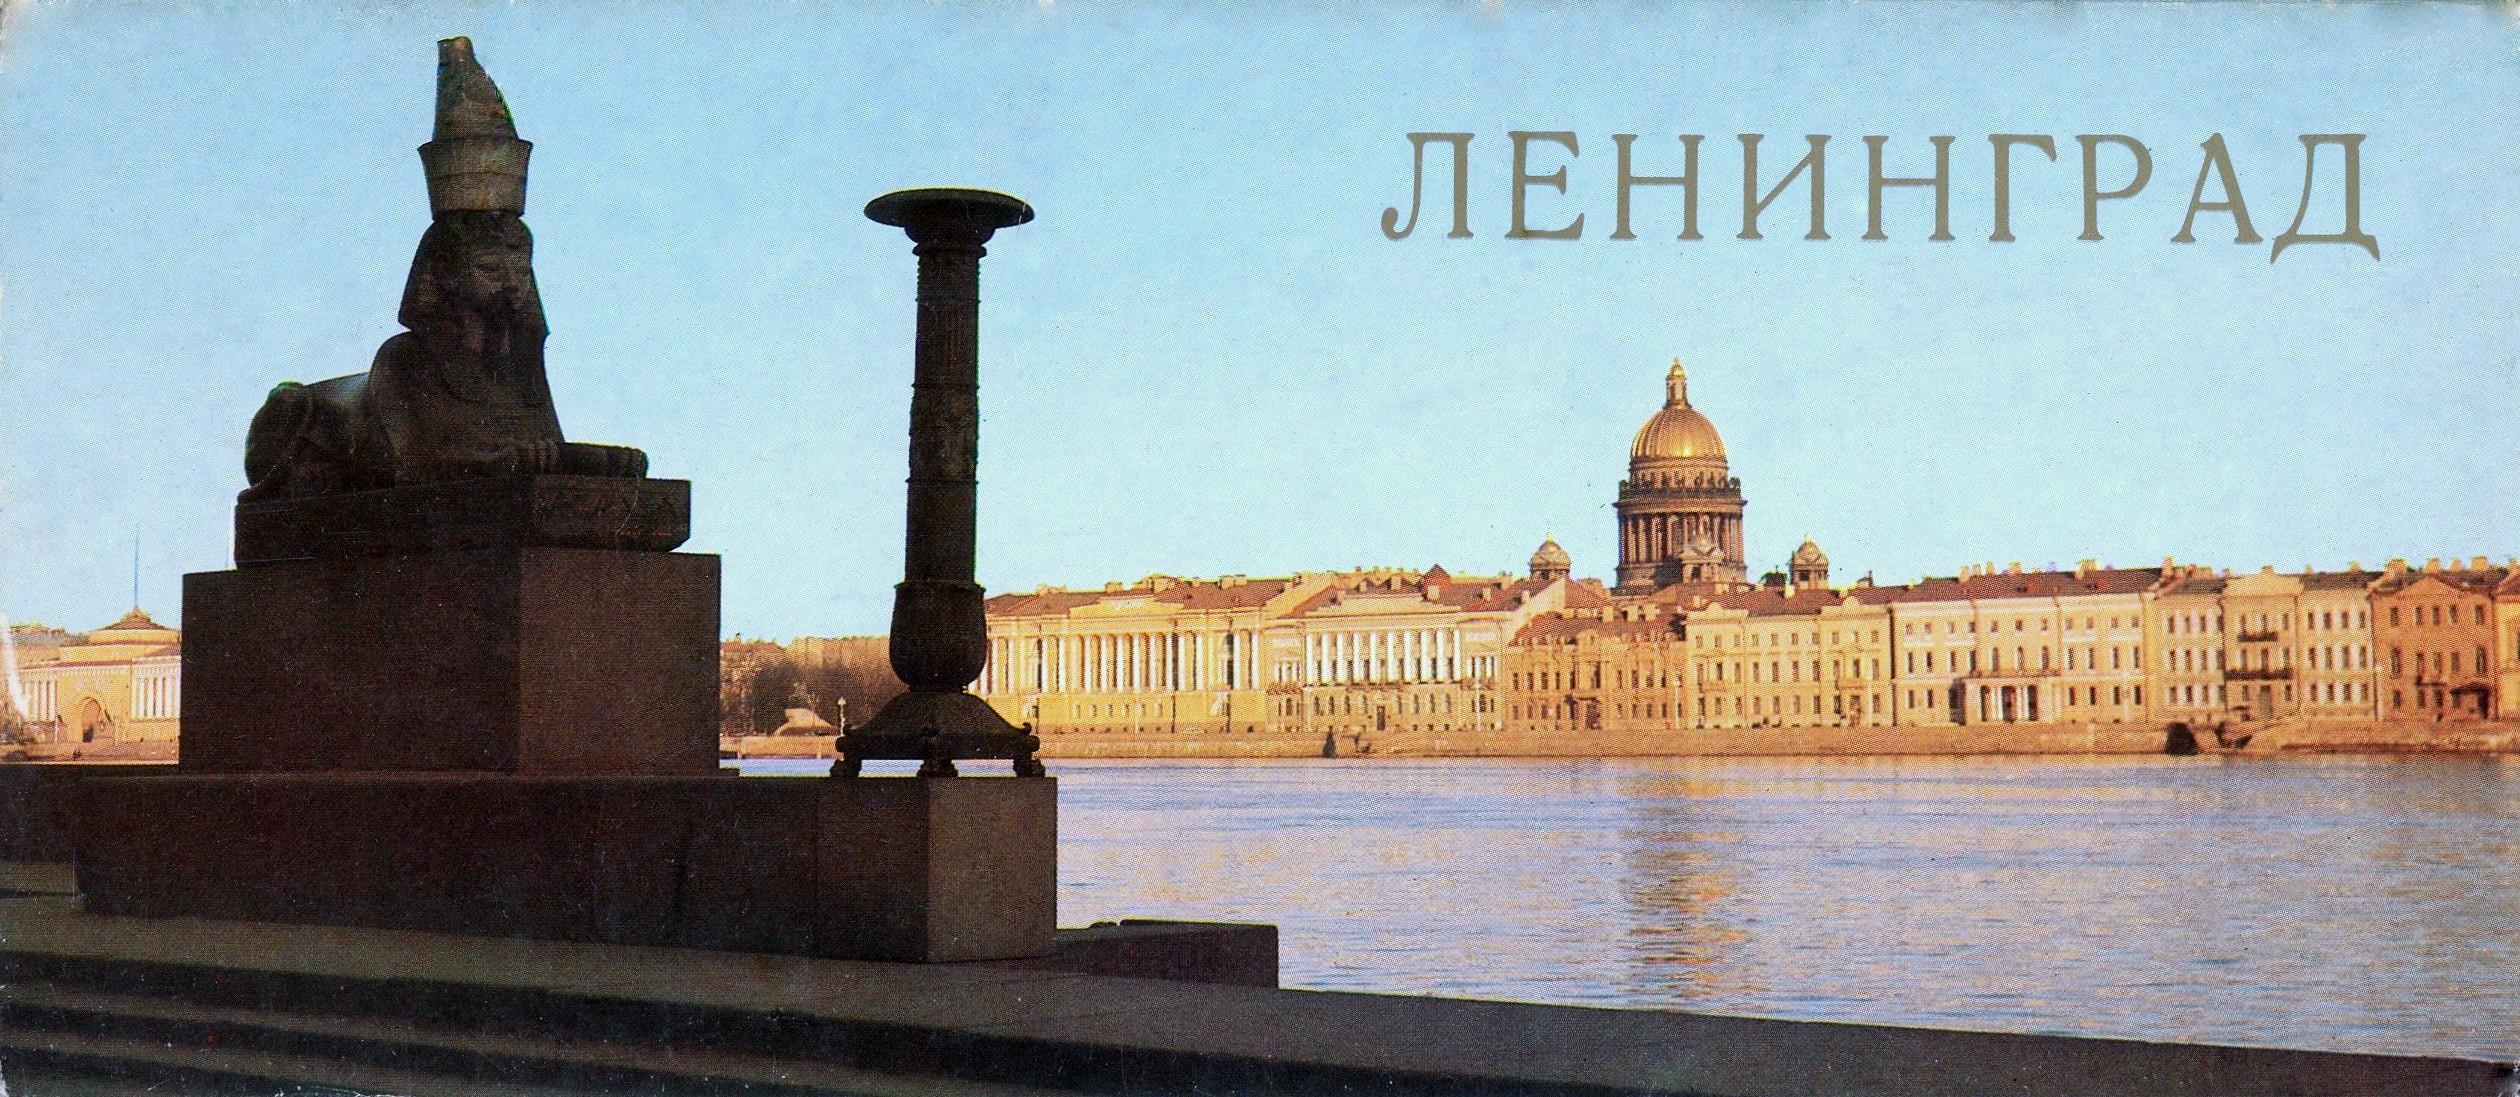 ZAVODFOTO / История городов России в фотографиях: Ленинград в 1982 году